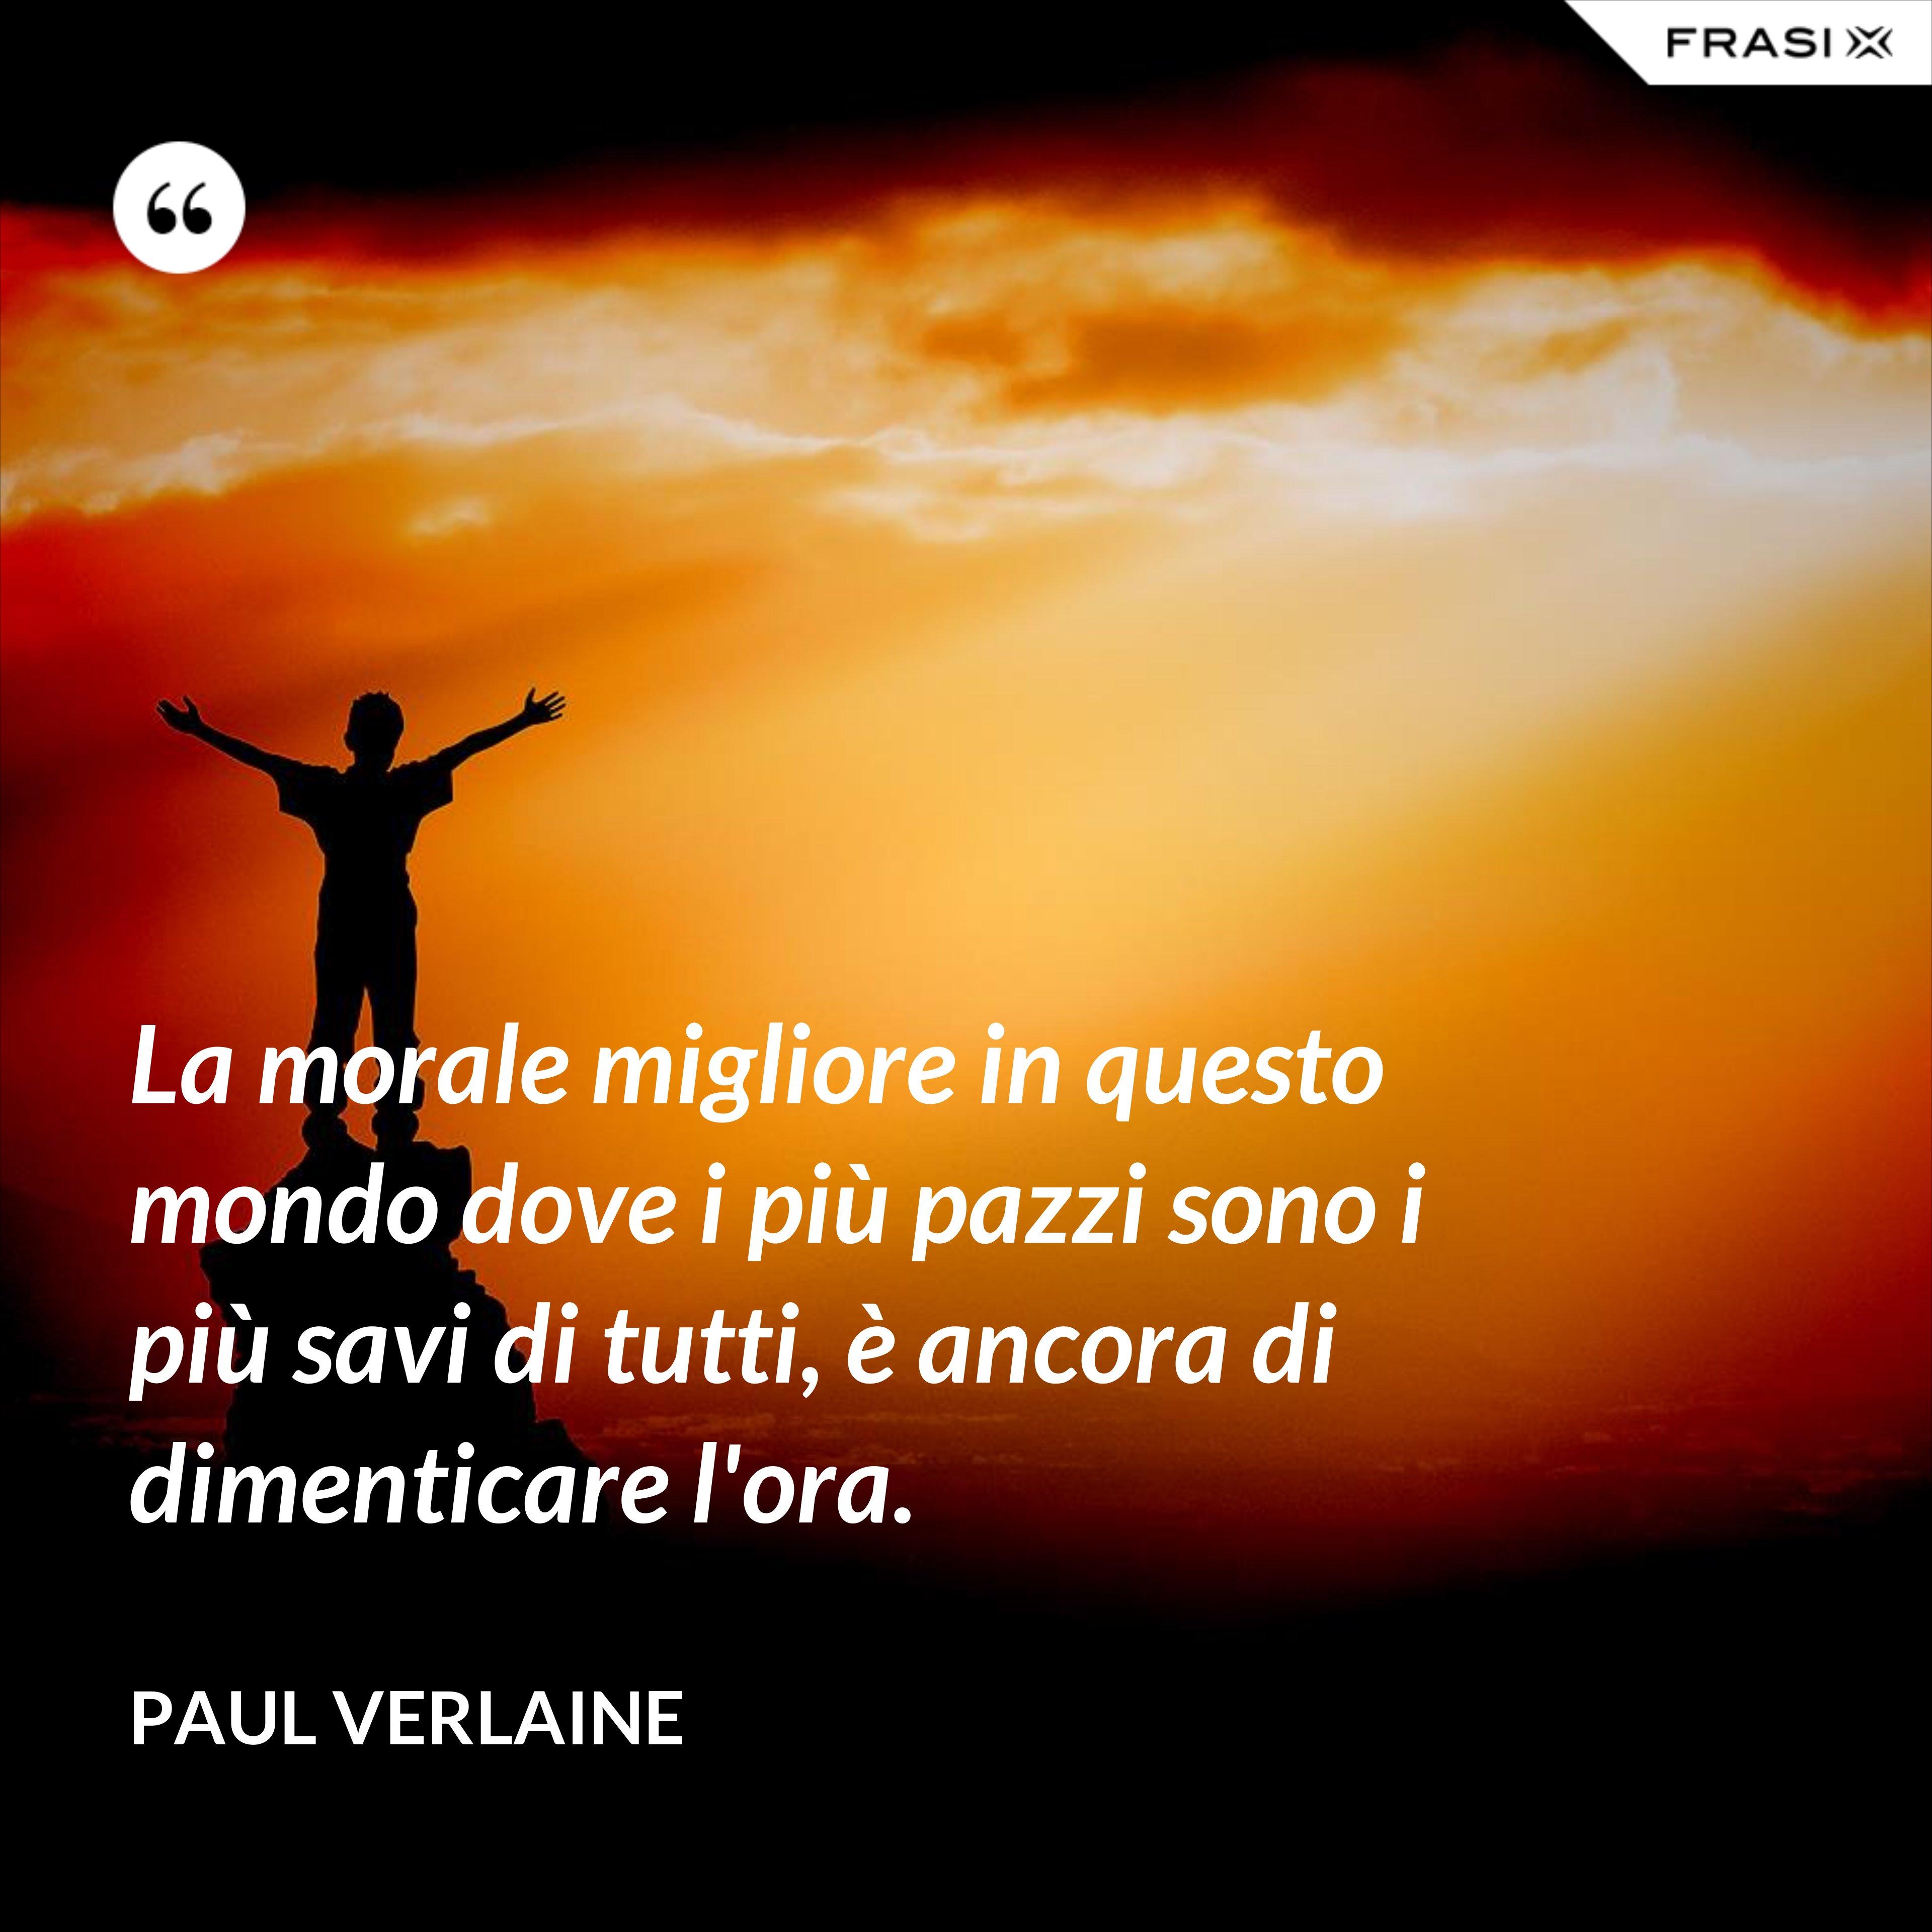 La morale migliore in questo mondo dove i più pazzi sono i più savi di tutti, è ancora di dimenticare l'ora. - Paul Verlaine